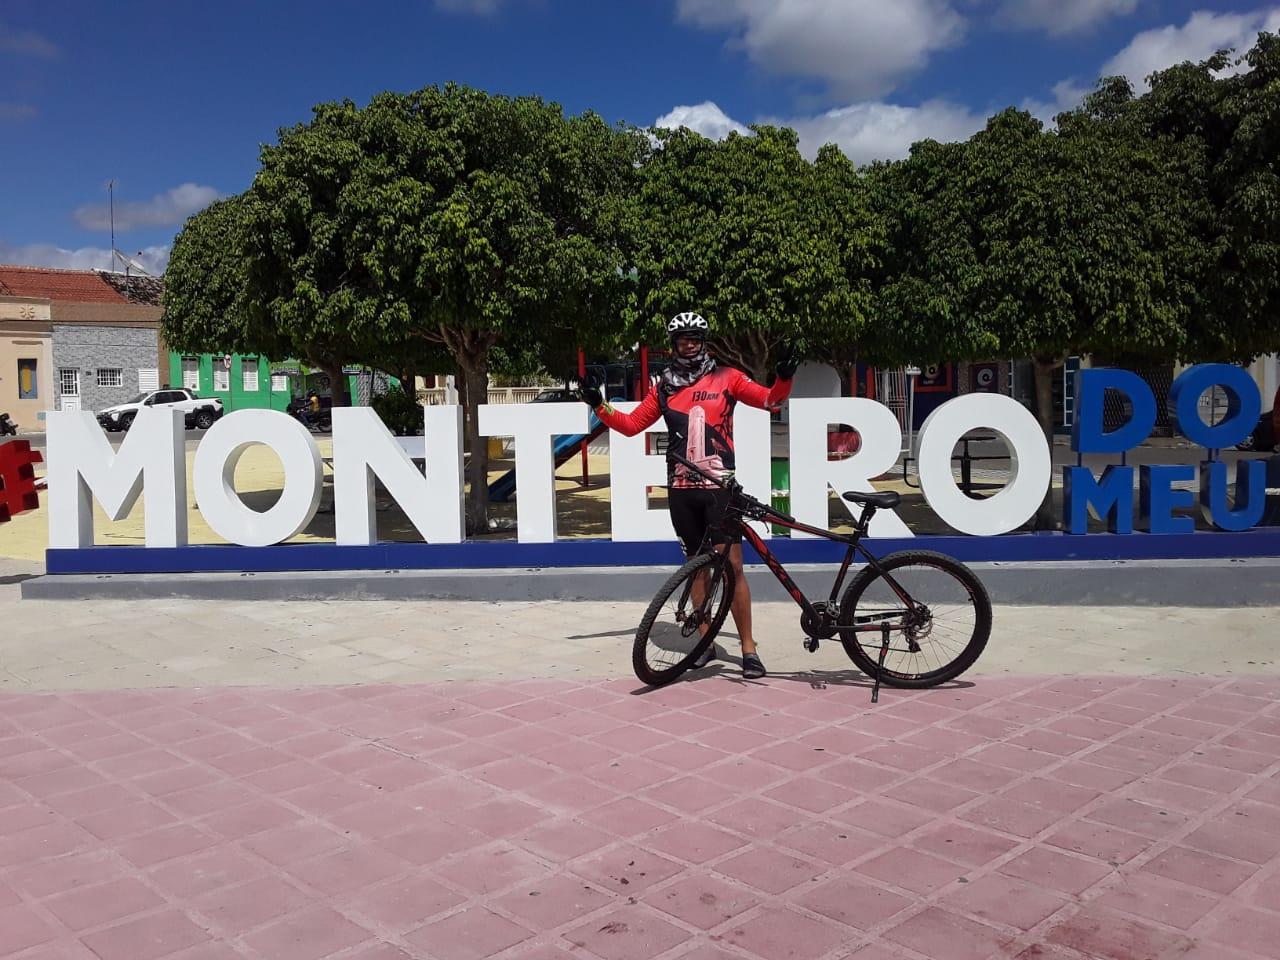 z5 Por saudades da Mãe, Monteirense faz percurso de mais de 130 quilômetros de Patos a Monteiro de Bike após vacinação